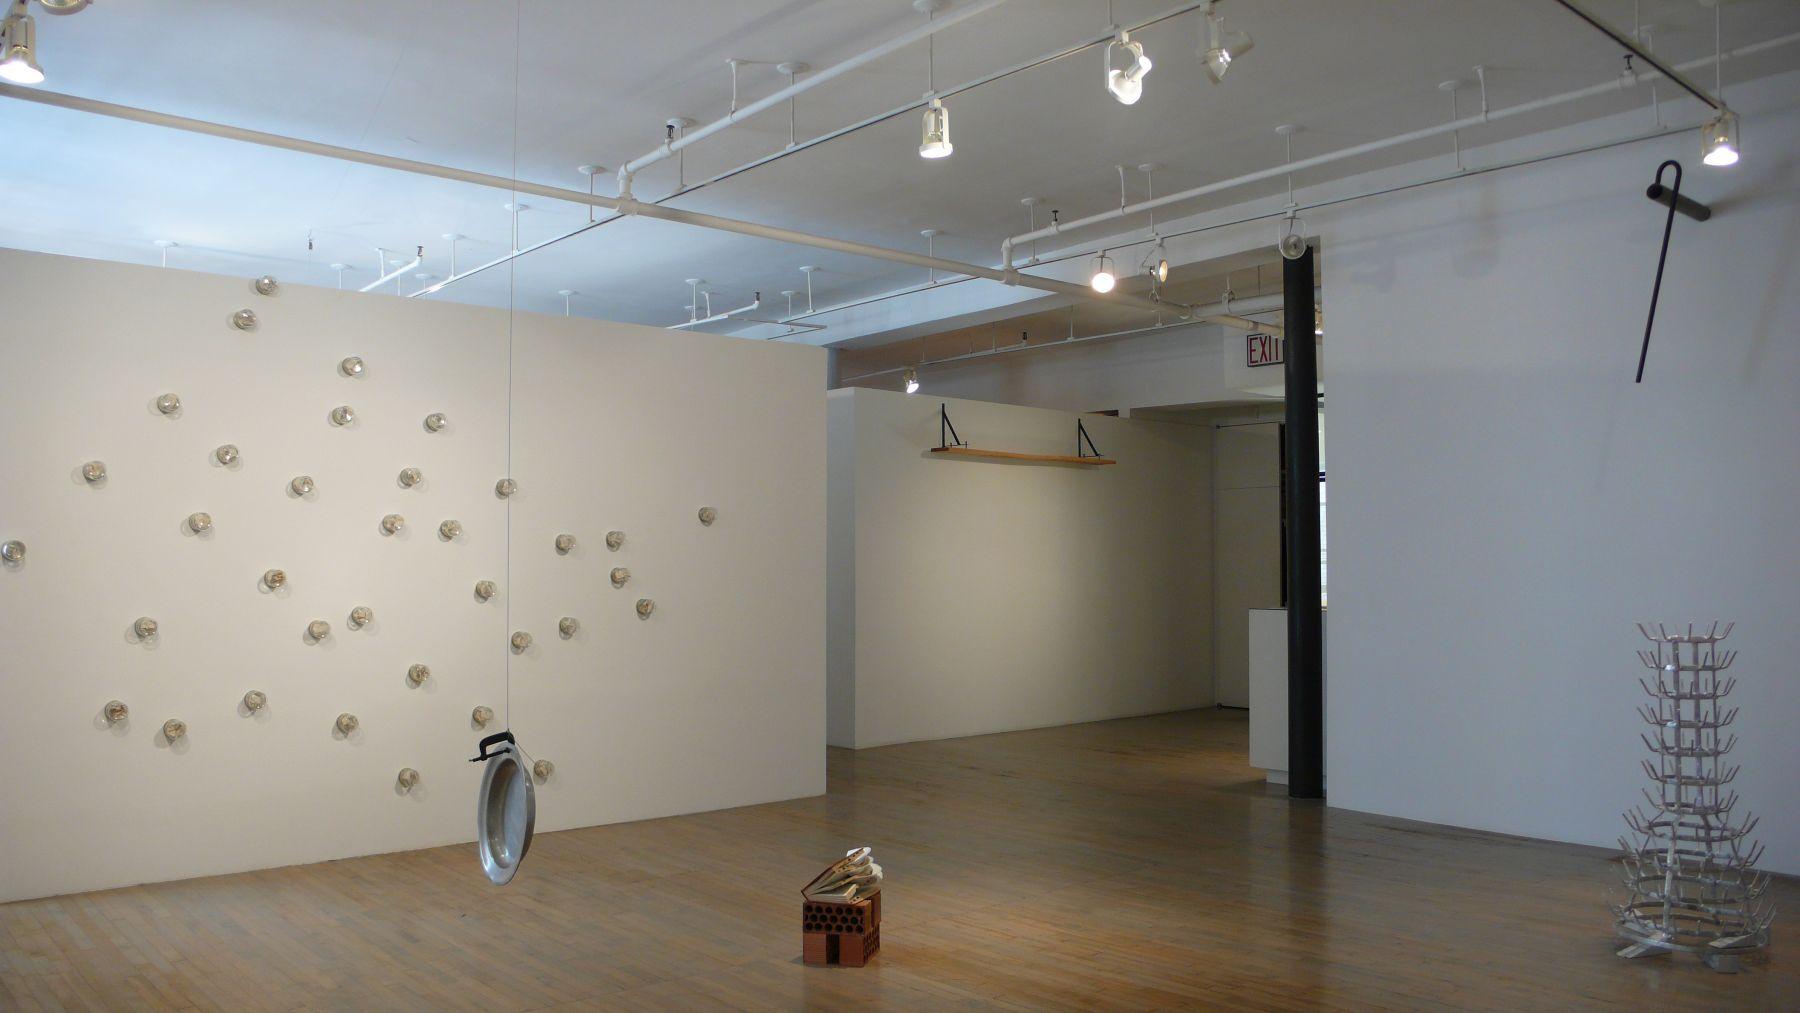 Richard Wentworth – installation view 2